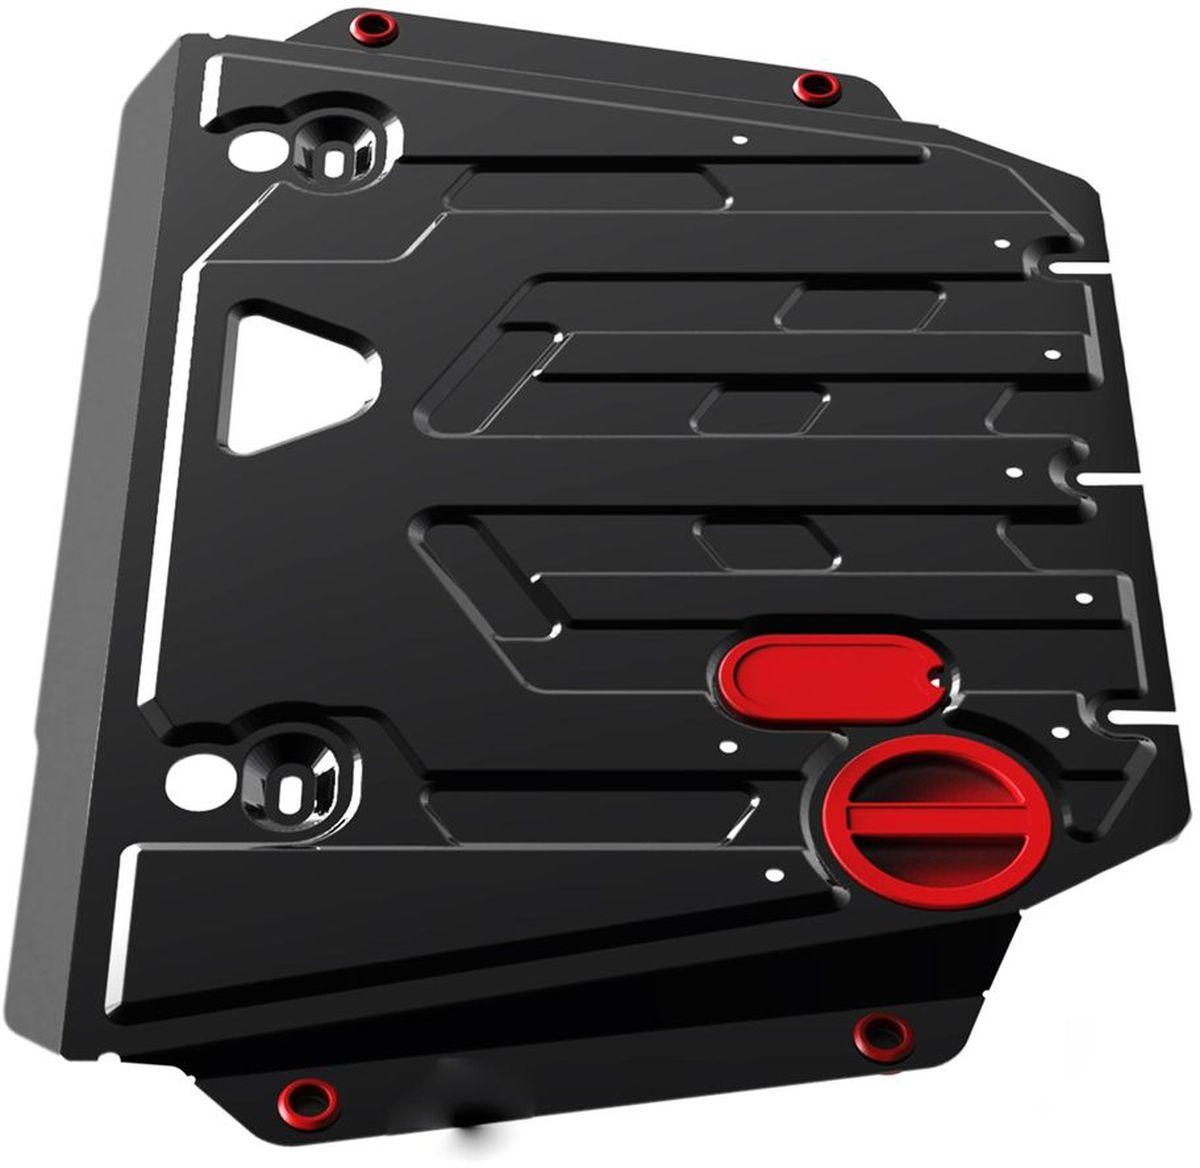 Защита картера и КПП Автоброня, для Honda CR-V, V -2,4i (2012-2015)5104Технологически совершенный продукт за невысокую стоимость.Защита разработана с учетом особенностей днища автомобиля, что позволяет сохранить дорожный просвет с минимальным изменением.Защита устанавливается в штатные места кузова автомобиля. Глубокий штамп обеспечивает до двух раз больше жесткости в сравнении с обычной защитой той же толщины. Проштампованные ребра жесткости препятствуют деформации защиты при ударах.Тепловой зазор и вентиляционные отверстия обеспечивают сохранение температурного режима двигателя в норме. Скрытый крепеж предотвращает срыв крепежных элементов при наезде на препятствие.Шумопоглощающие резиновые элементы обеспечивают комфортную езду без вибраций и скрежета металла, а съемные лючки для слива масла и замены фильтра - экономию средств и время.Конструкция изделия не влияет на пассивную безопасность автомобиля (при ударе защита не воздействует на деформационные зоны кузова). Со штатным крепежом. В комплекте инструкция по установке.Толщина стали: 2 мм.Уважаемые клиенты!Обращаем ваше внимание, что элемент защиты имеет форму, соответствующую модели данного автомобиля. Фото служит для визуального восприятия товара и может отличаться от фактического.